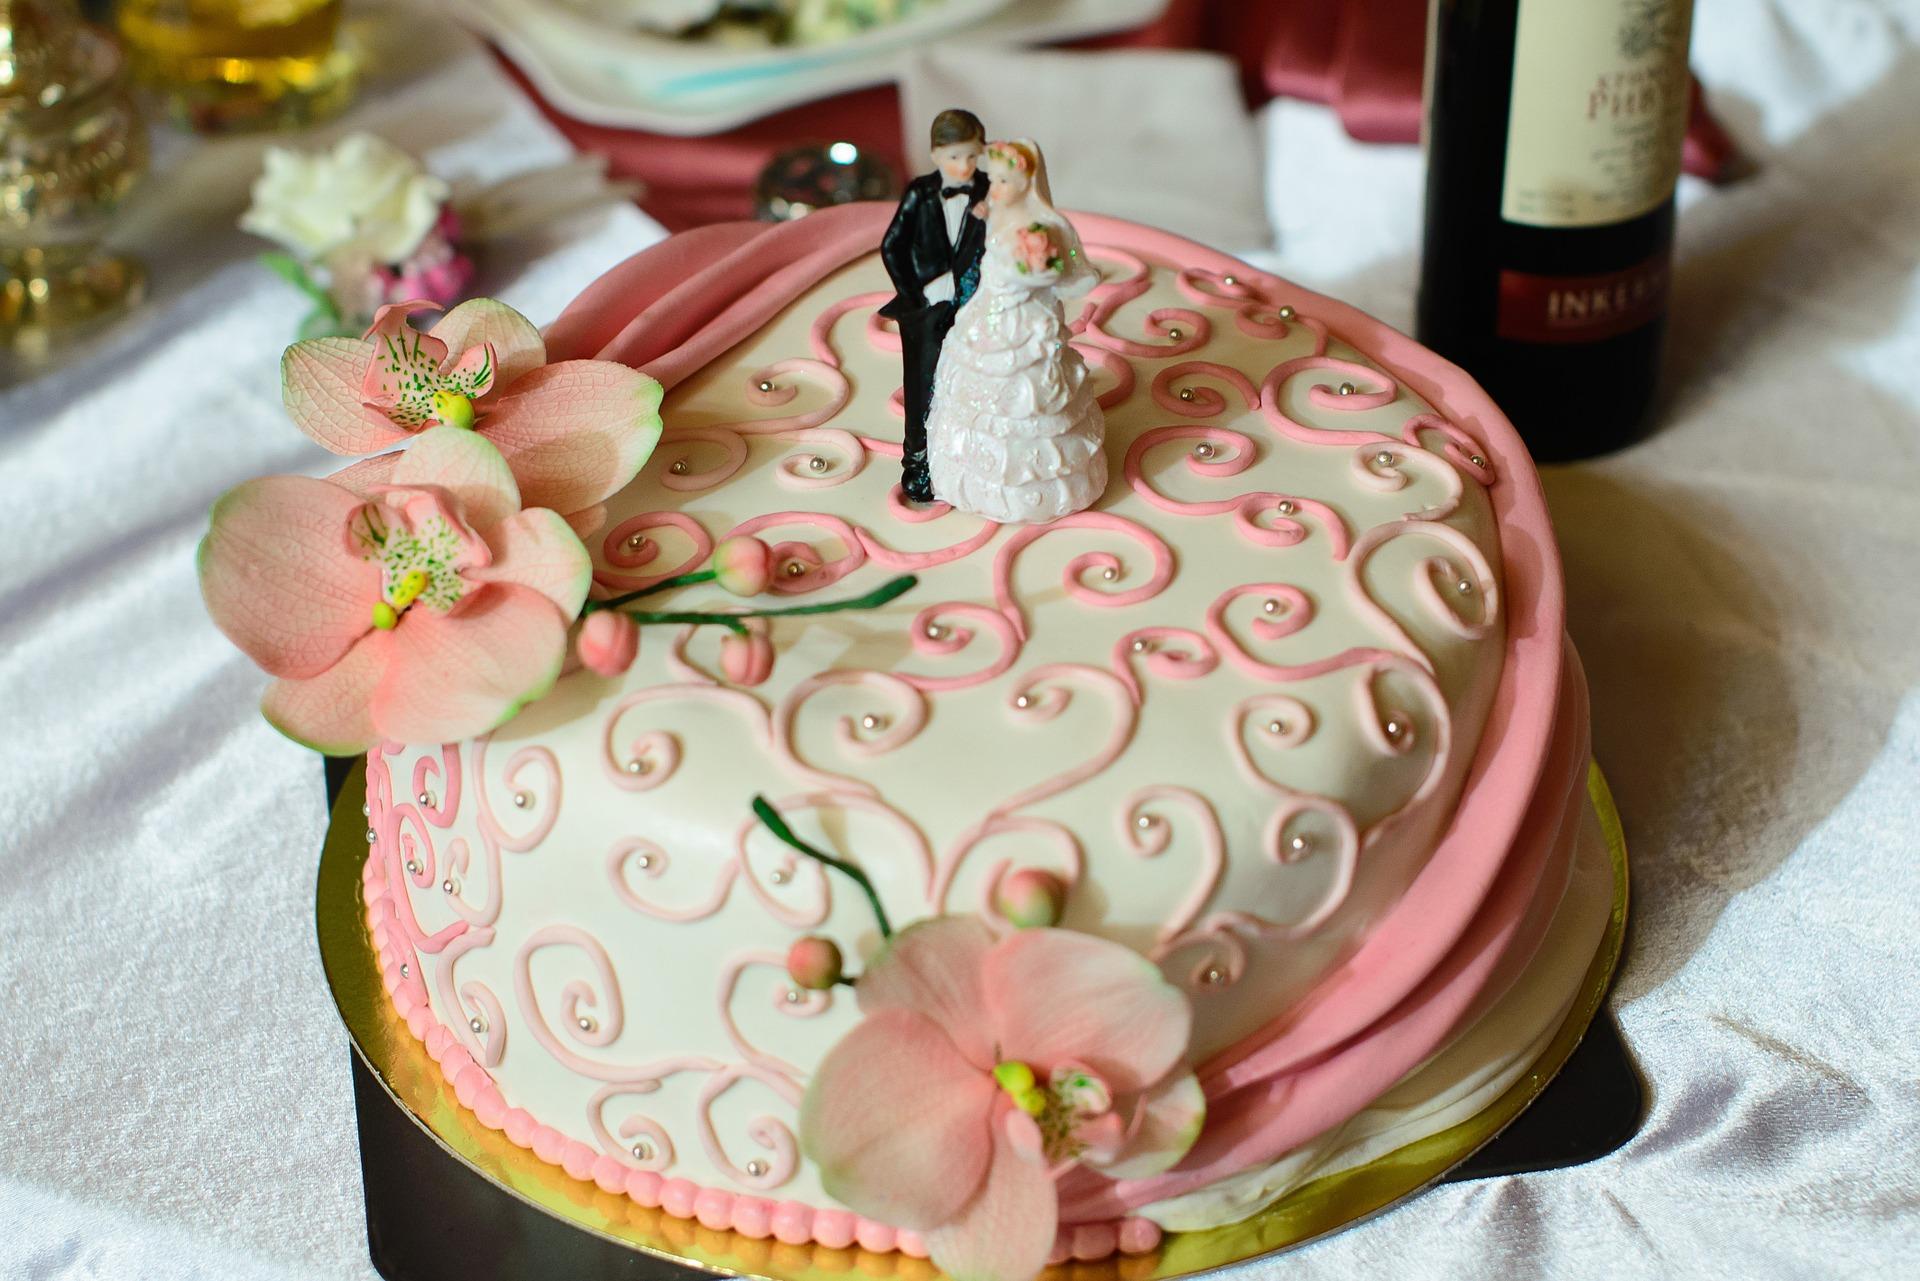 Sladká povinnost, které se při svatbě nevyhnete